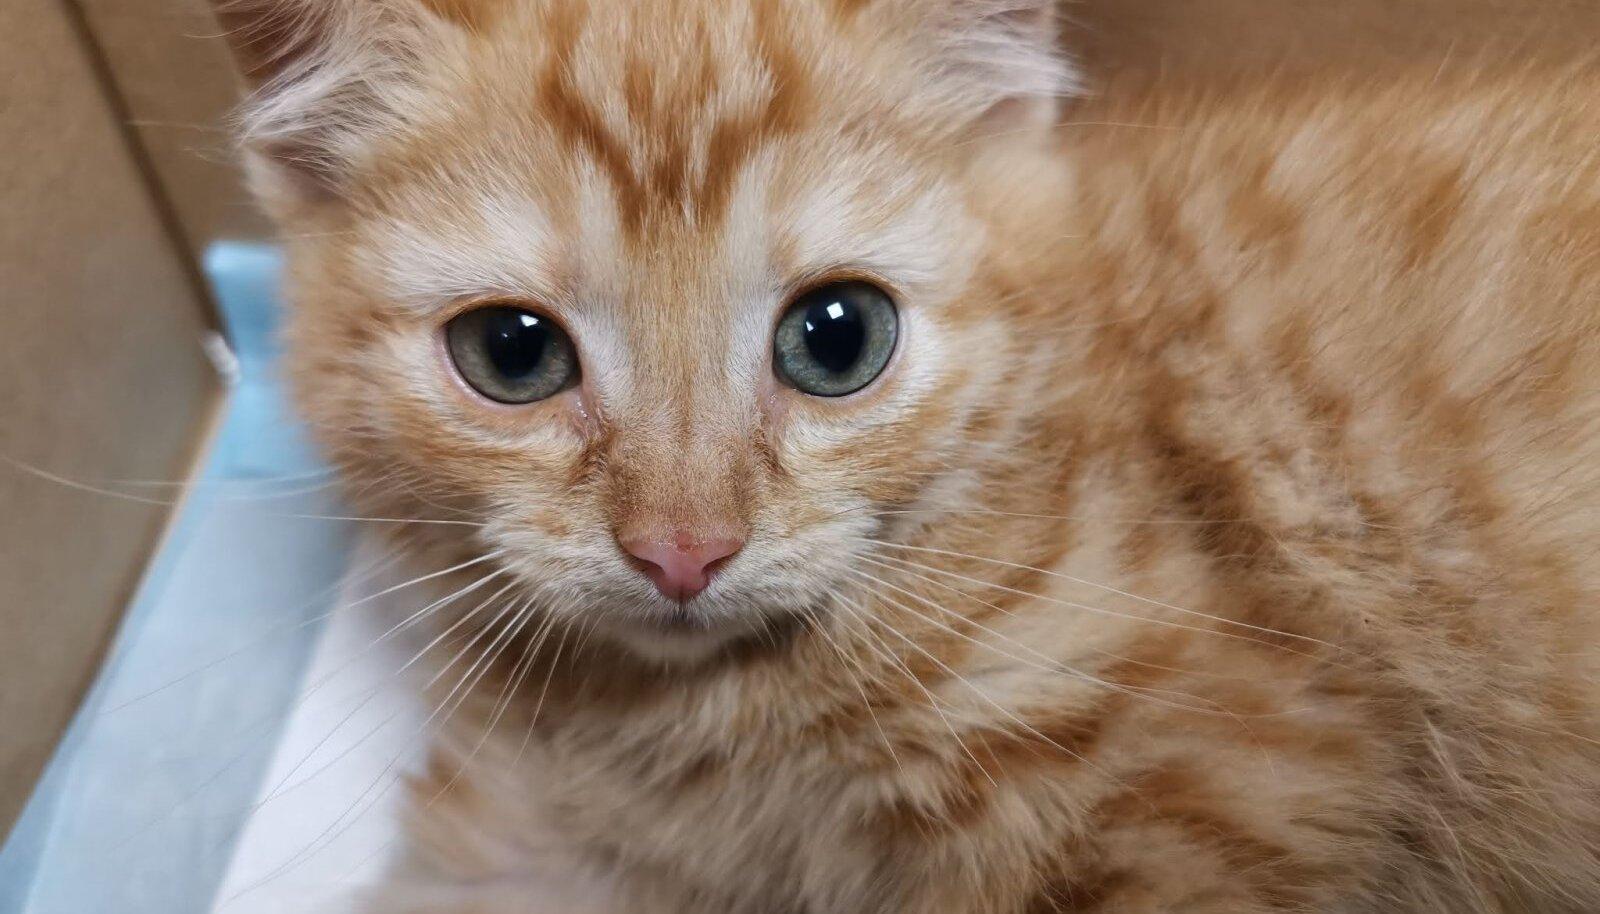 Õnneks osutus algselt surnuks peetud kassipoeg peaaegu terveks